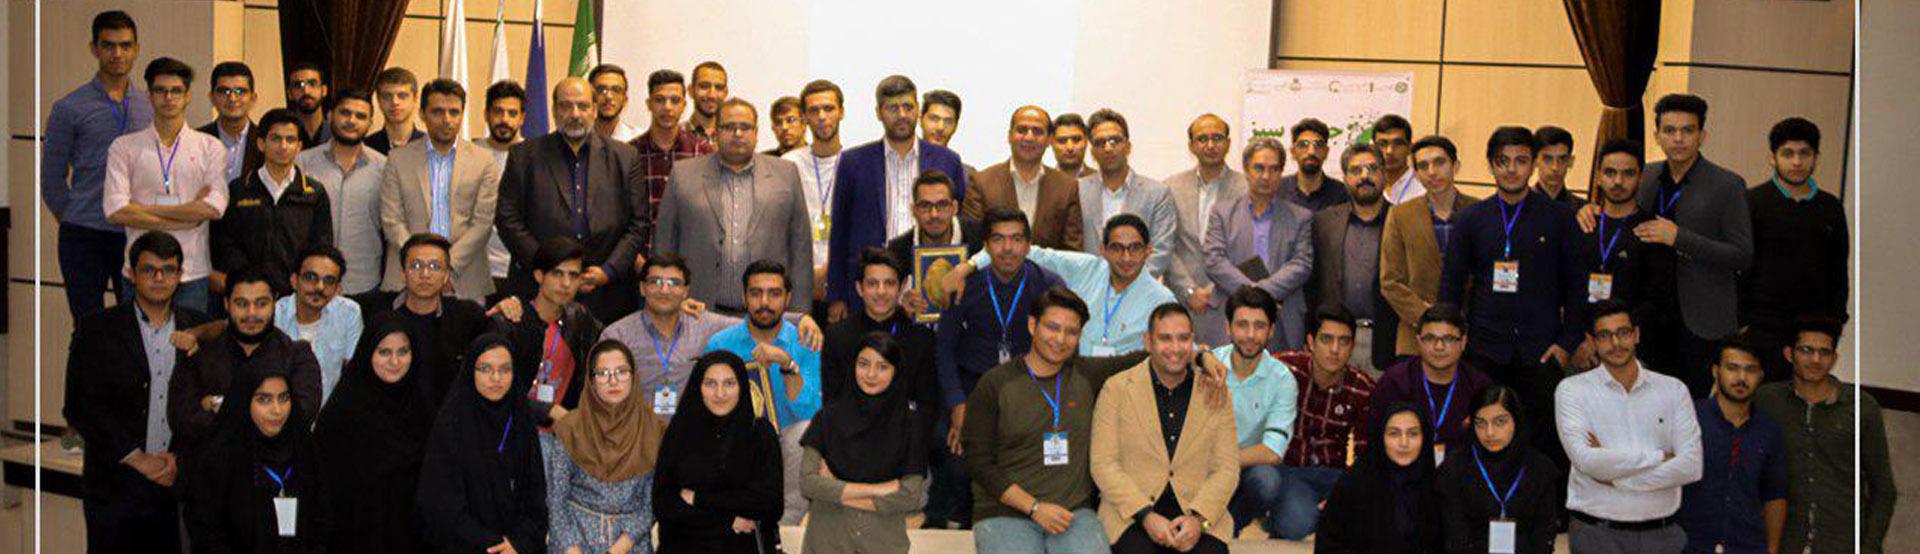 برگزاری ایده شوی جهان سبز با حمایت پارک علم و فناوری خراسان جنوبی و دانشگاه صنعتی بیرجند